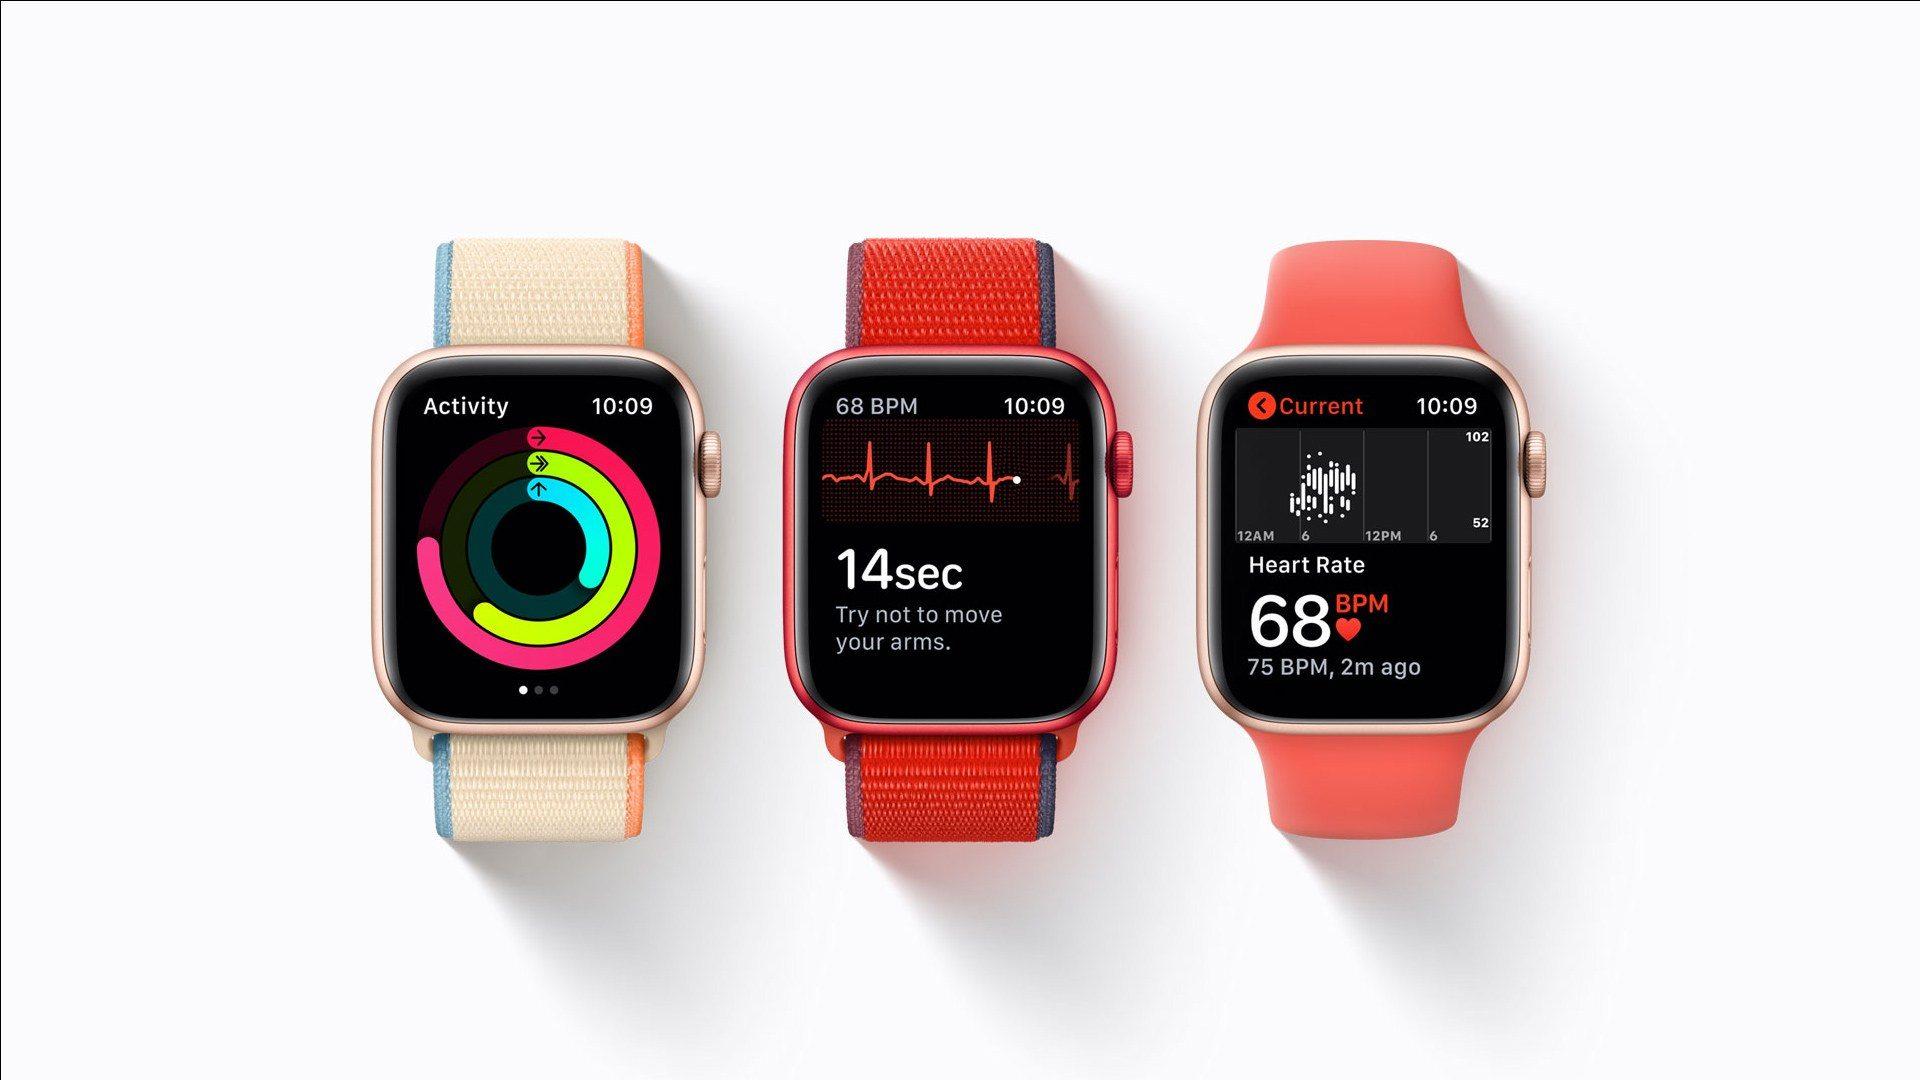 Bao nhiêu người đang đeo đồng hồ Apple?